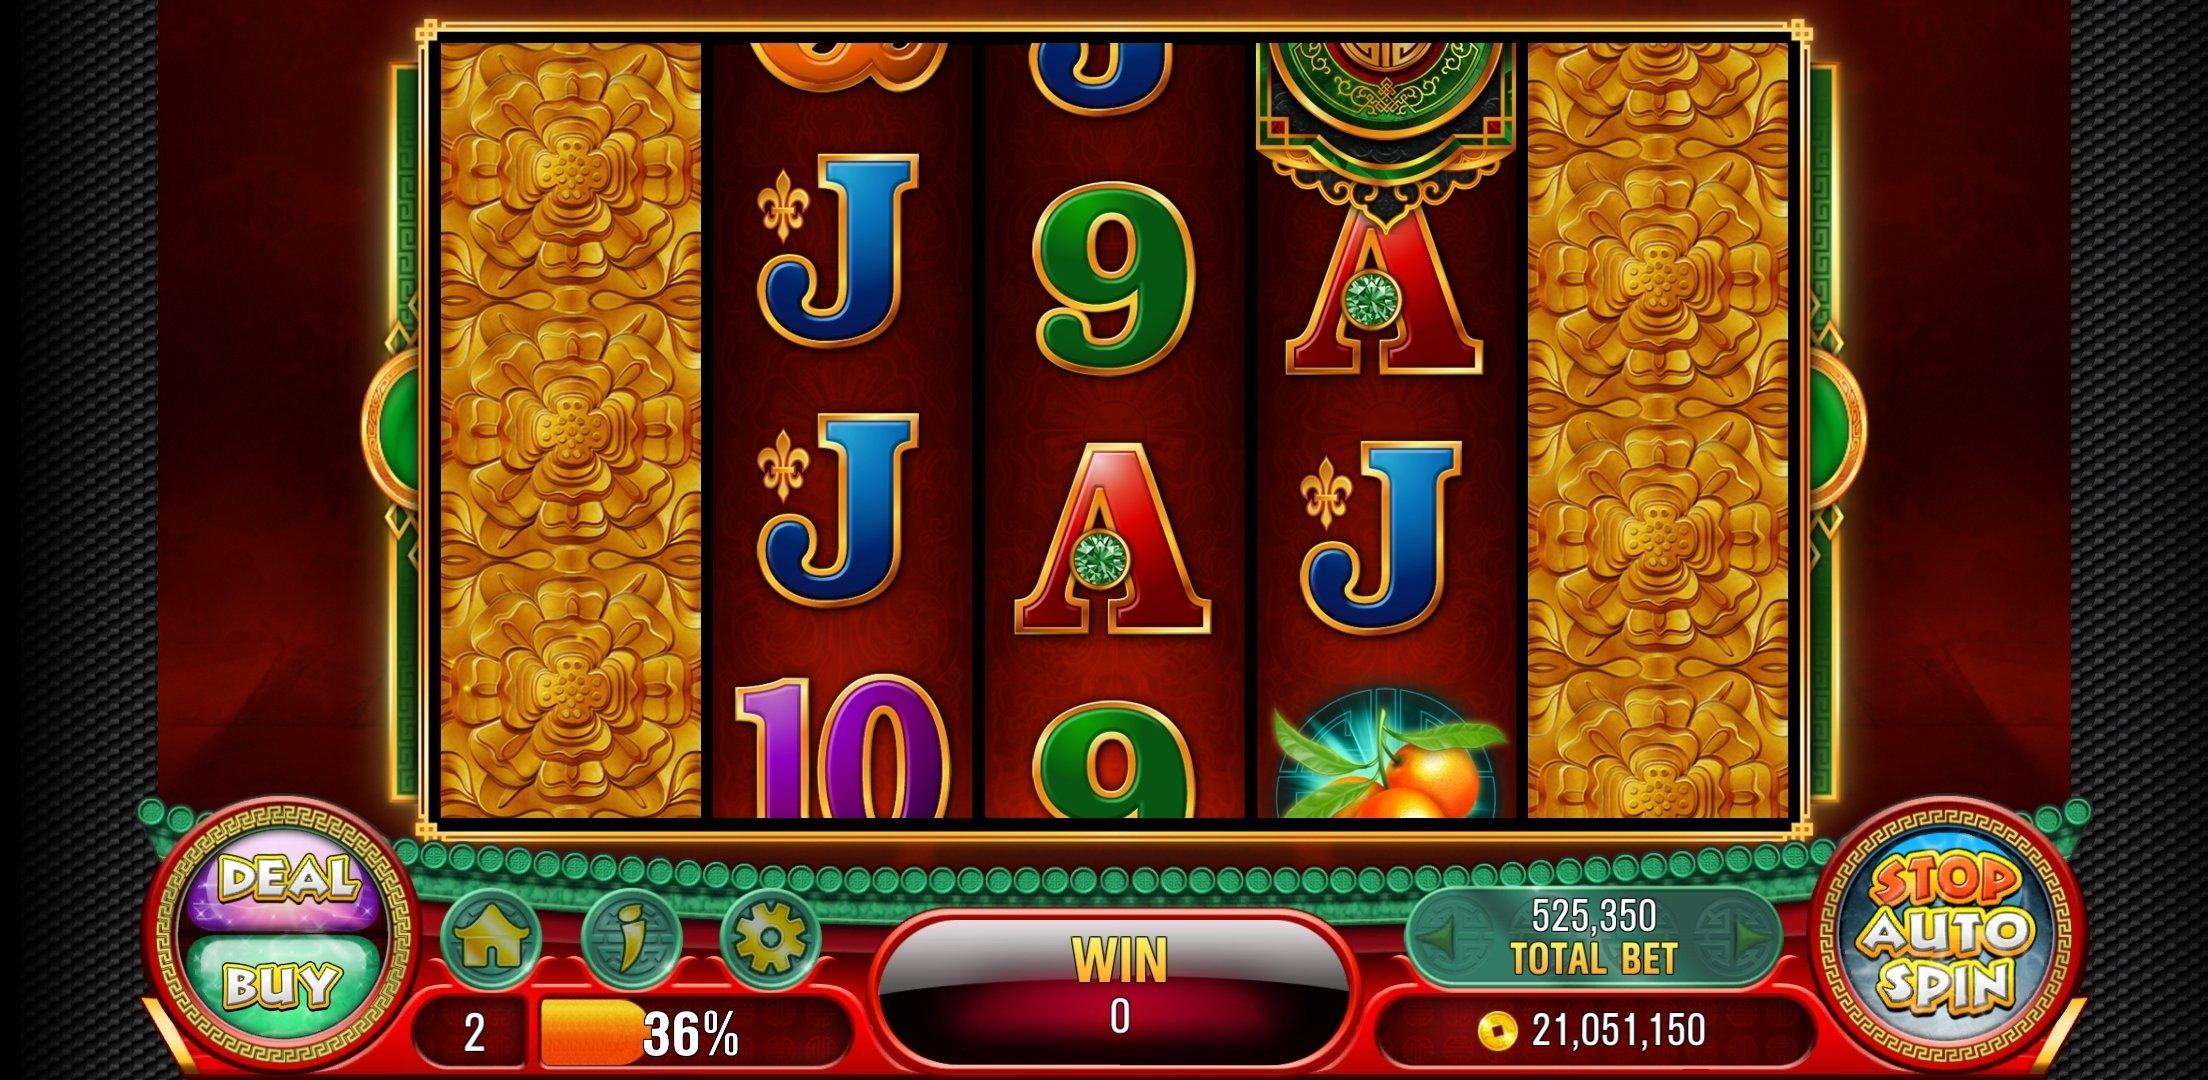 Игровые автоматы скачать для с 7 00 секс рулетка чат бесплатно без регистрации онлайн